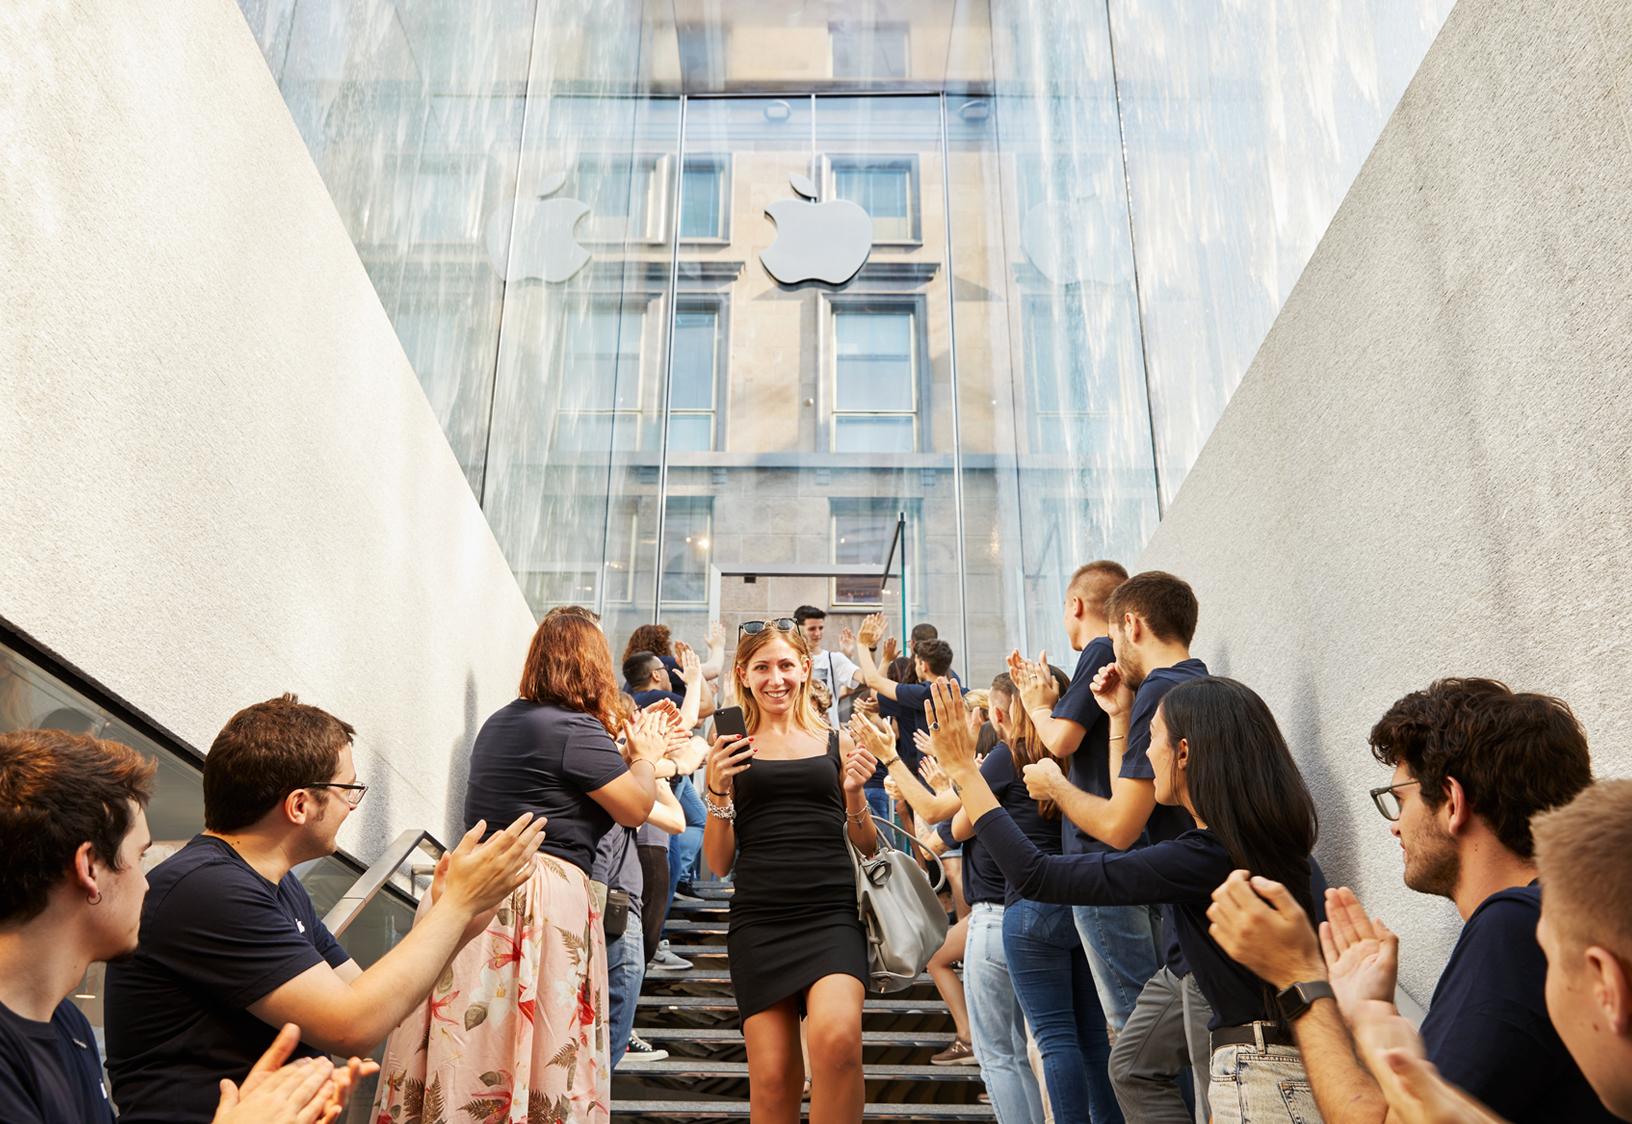 Foster + Partners, Apple Piazza Liberty, Milano - la scalinata all'interno del portale in vetro, sospesa tra acqua e cielo, conduce al negozio interrato e diventa essa stessa un'installazione scultorea